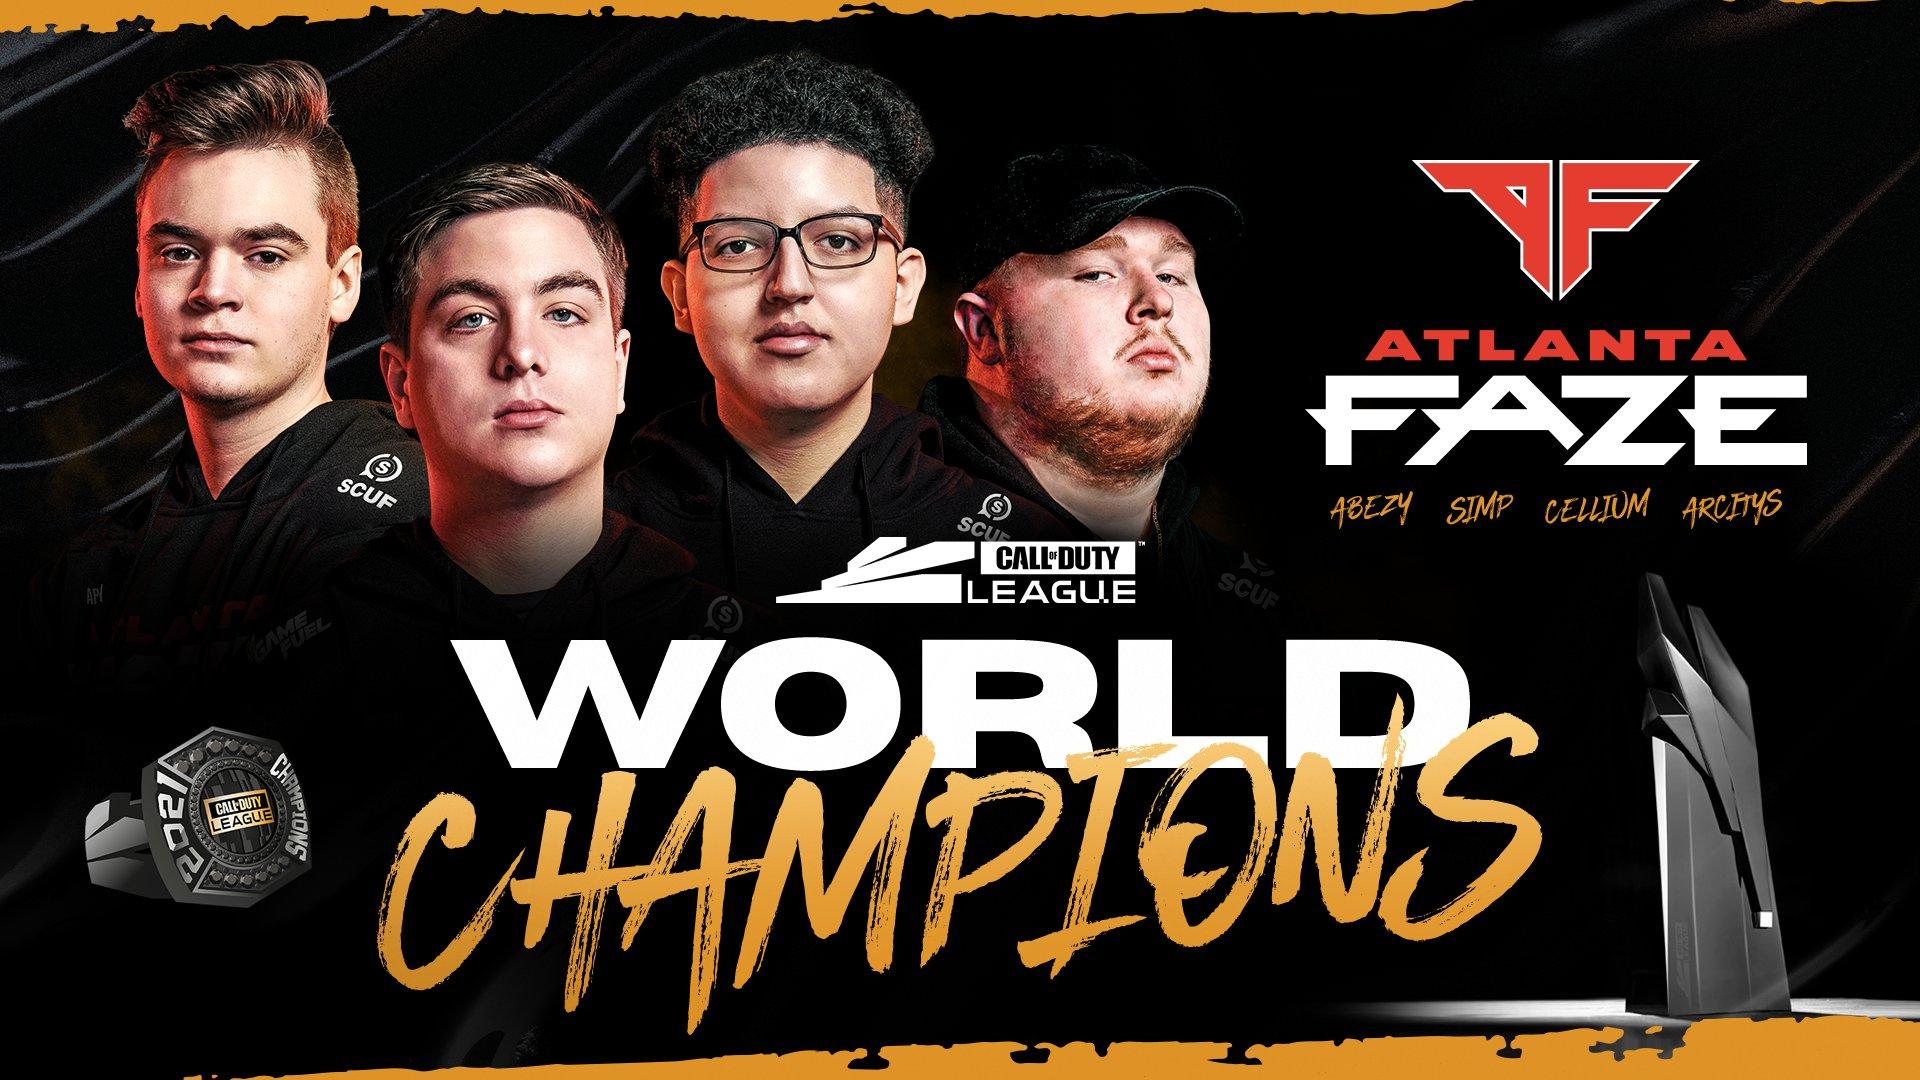 faze clan champions du monde